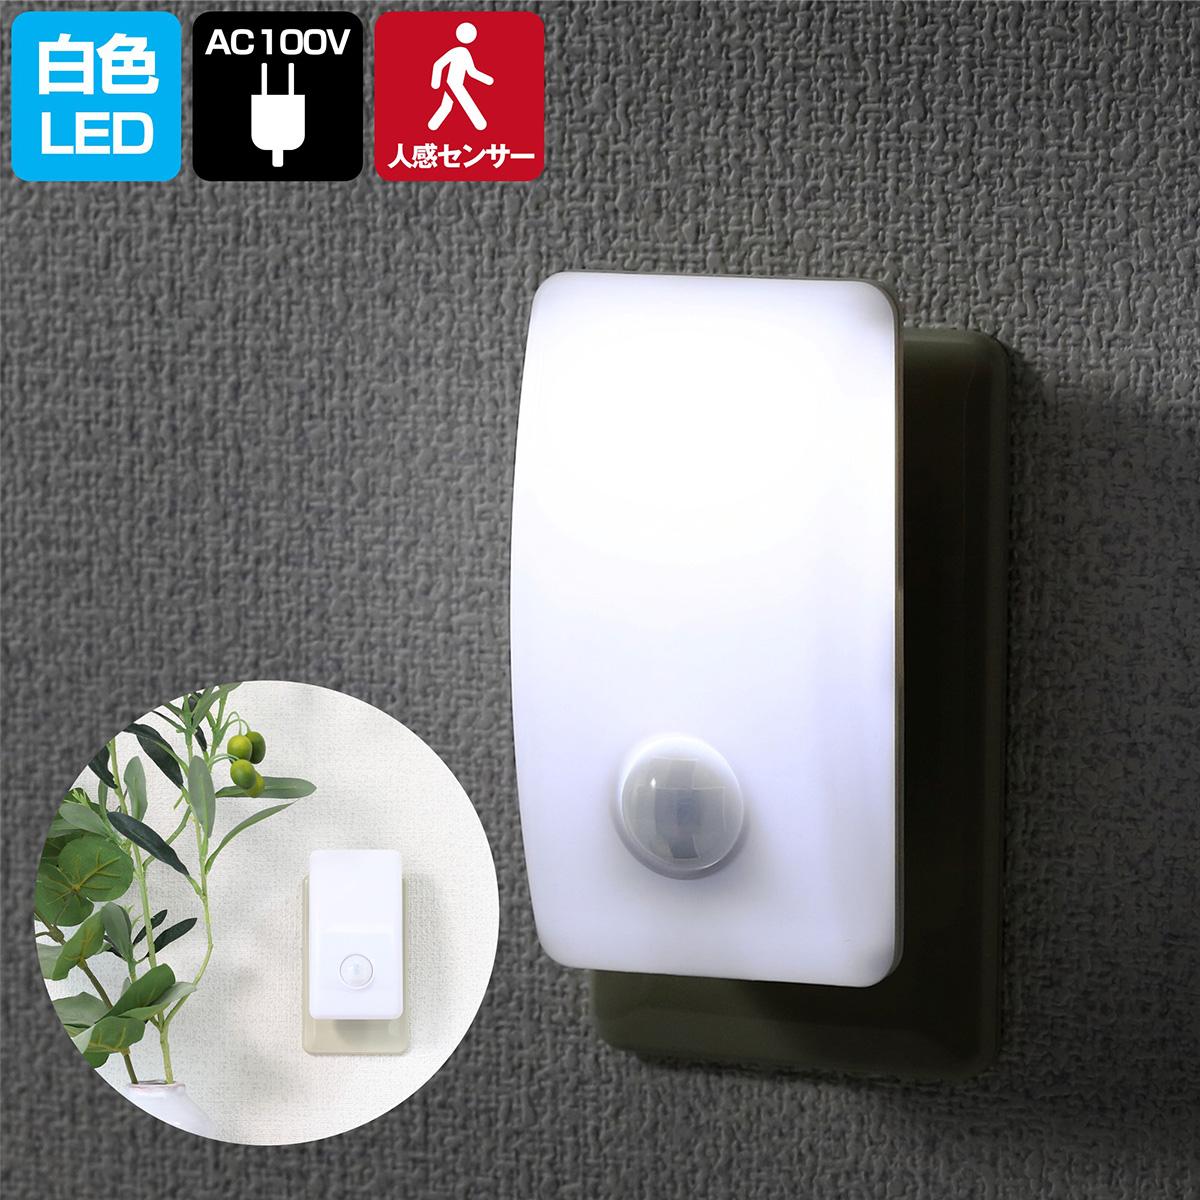 暗闇で人に反応し自動点灯!白色 人感&明暗センサー フラットLEDナイトライトホワイト PM-L230 (W) /省エネ・節電!暗闇で人を感知すると約2分点灯☆発光面積が広いフットライト (足元灯) /ELPA